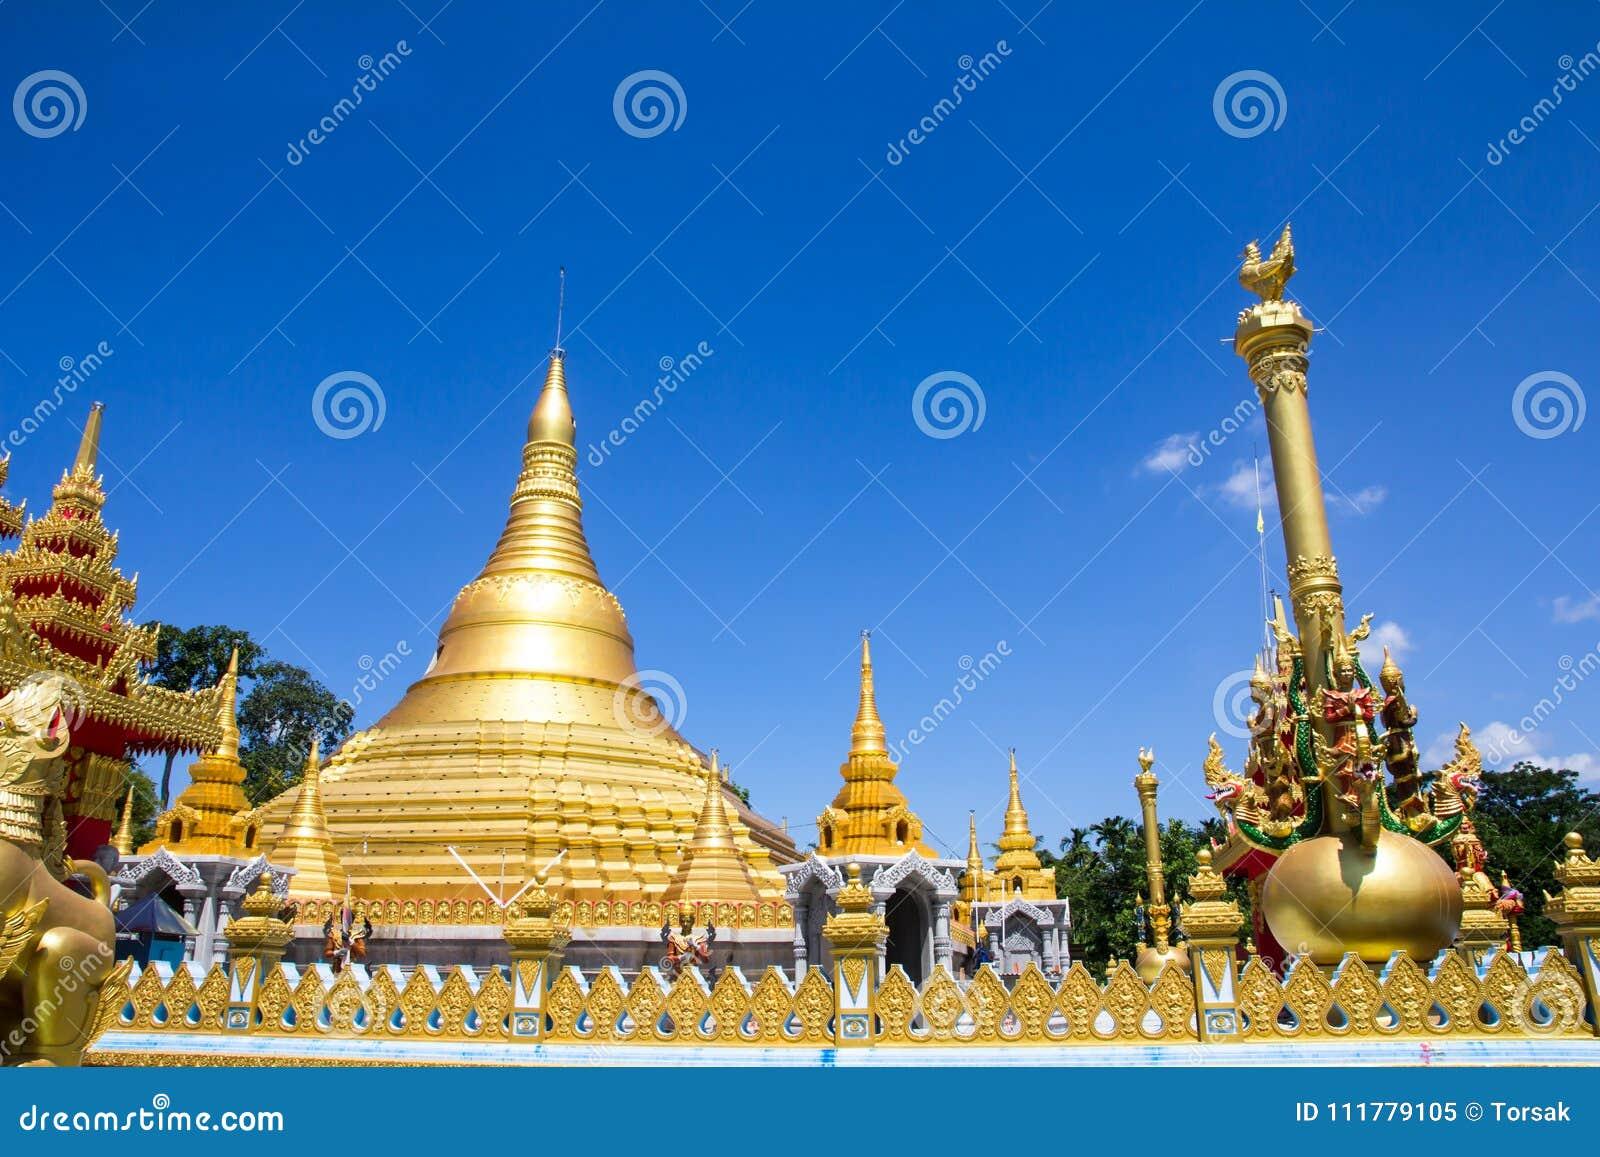 Beautiful pagoda in temple